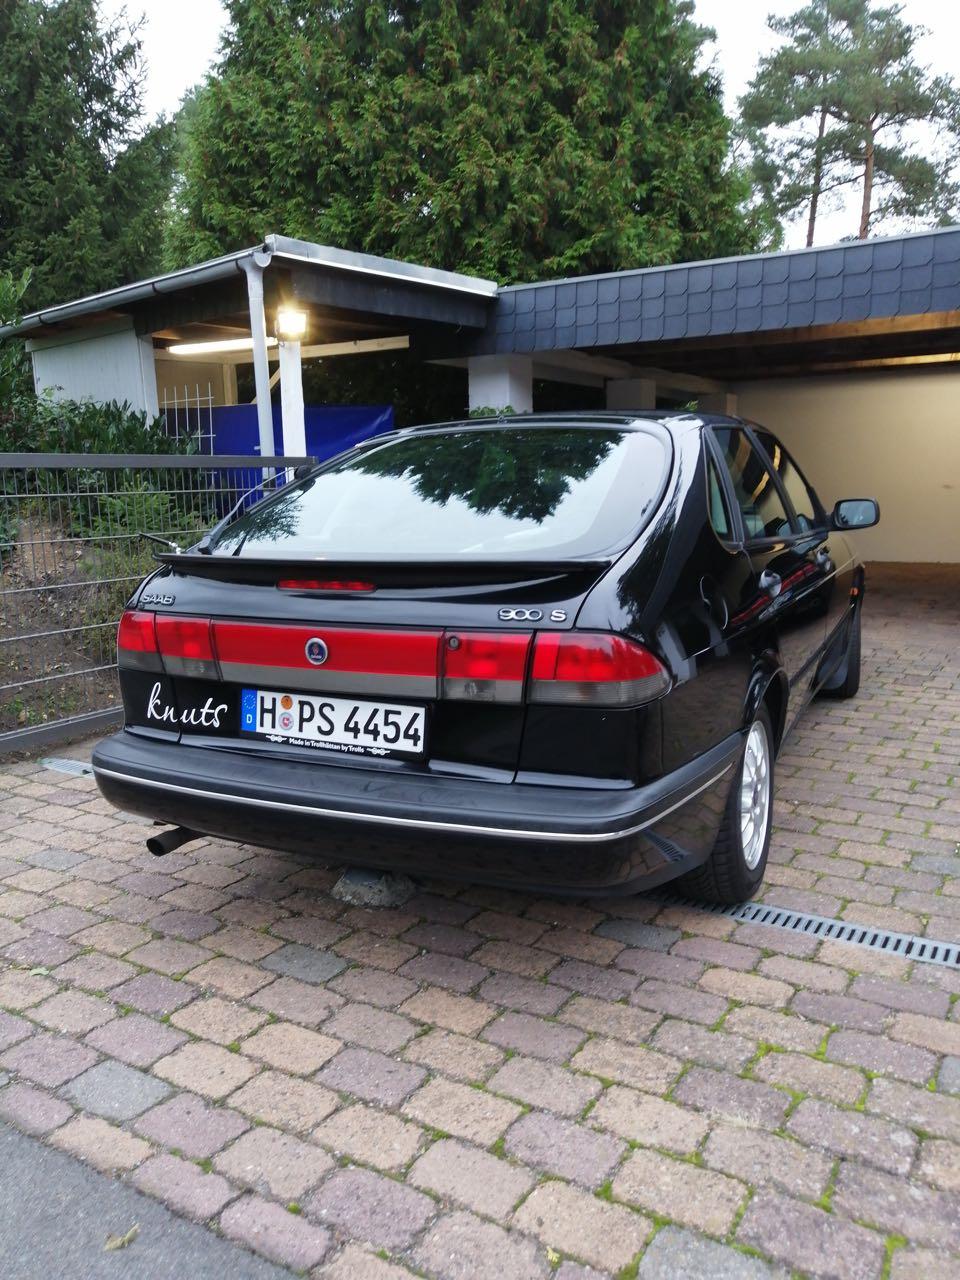 """Saab 900 II """"Knuts"""" ha più di mezzo milione di chilometri sul bancone"""